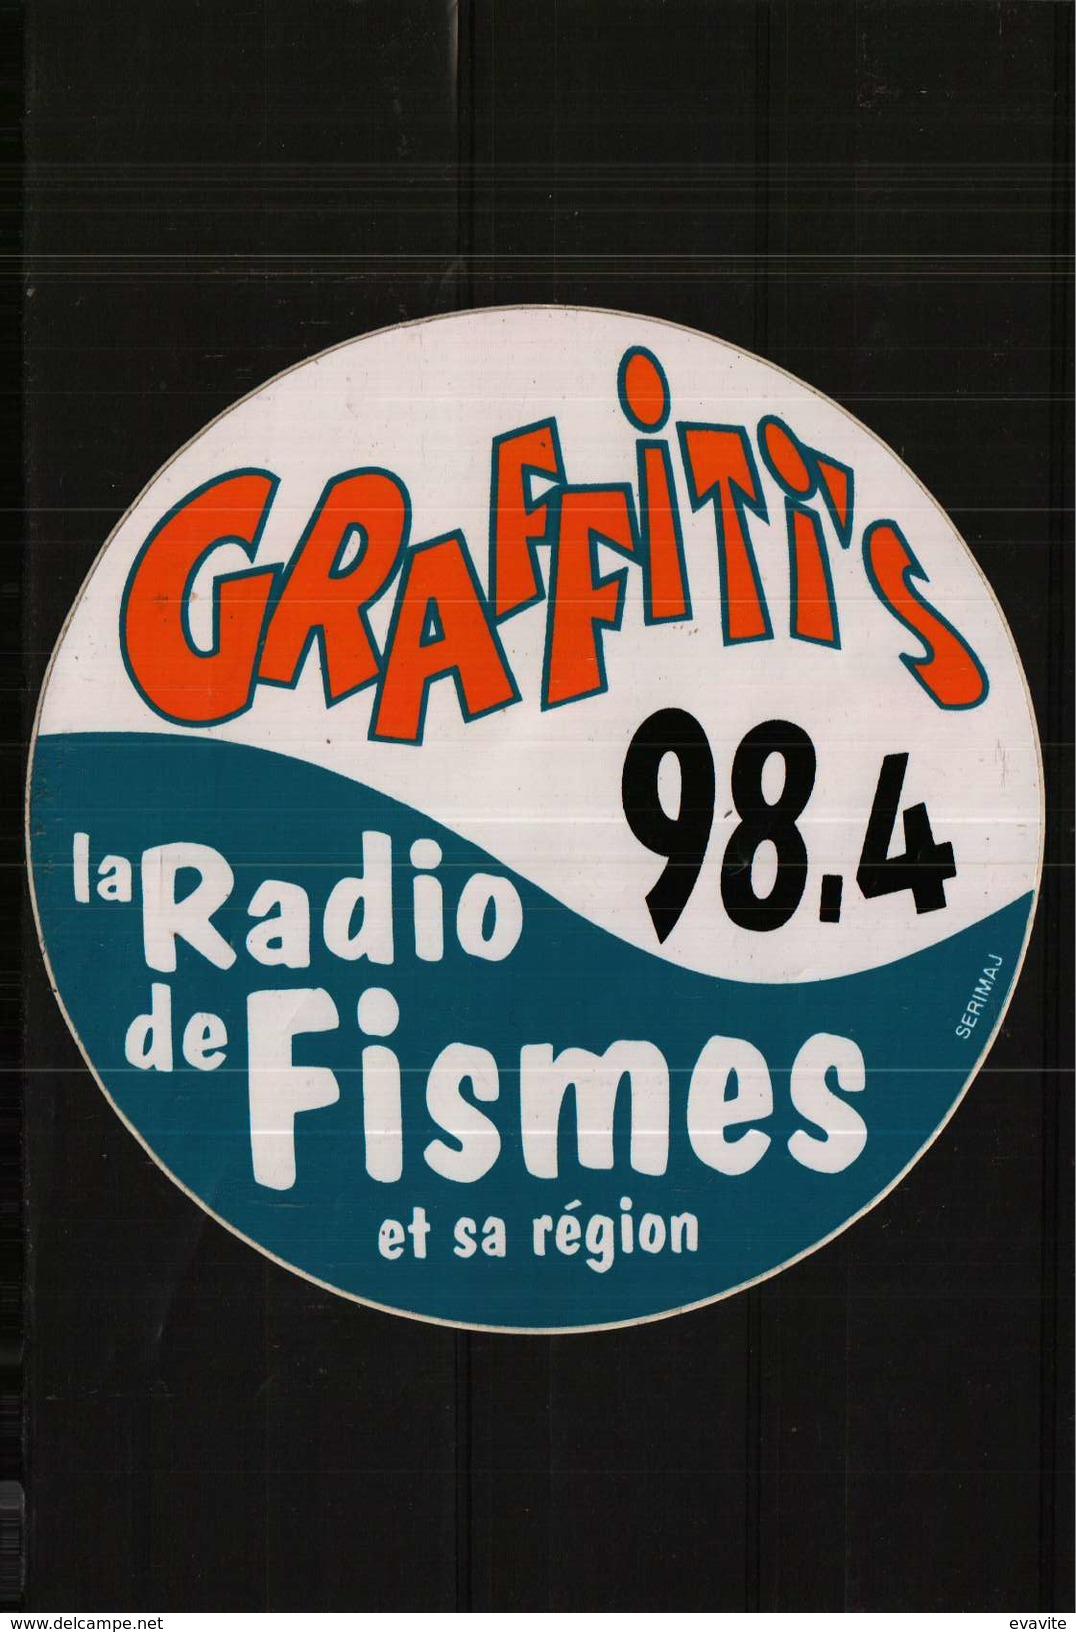 Autocollant  -  GRAFFITIS 98,4   -  La Radio De  FISMES   Et Sa Région - Autocollants